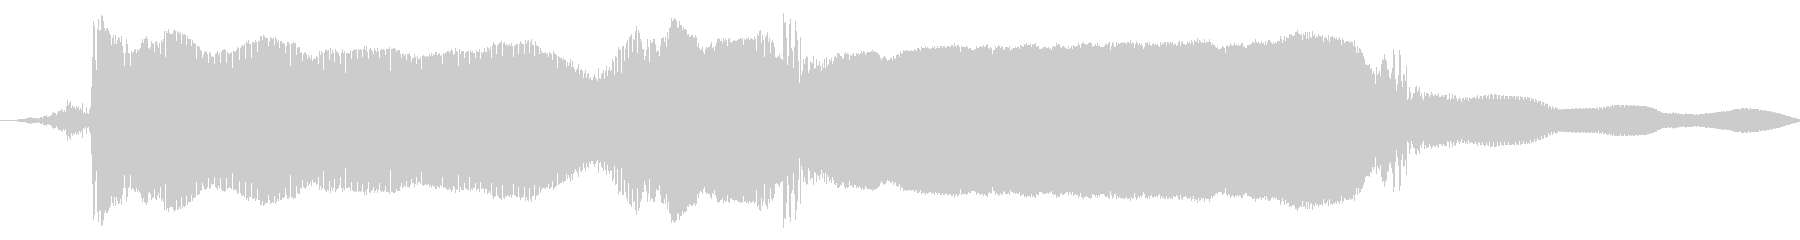 こぶし04(A#)の未再生の波形